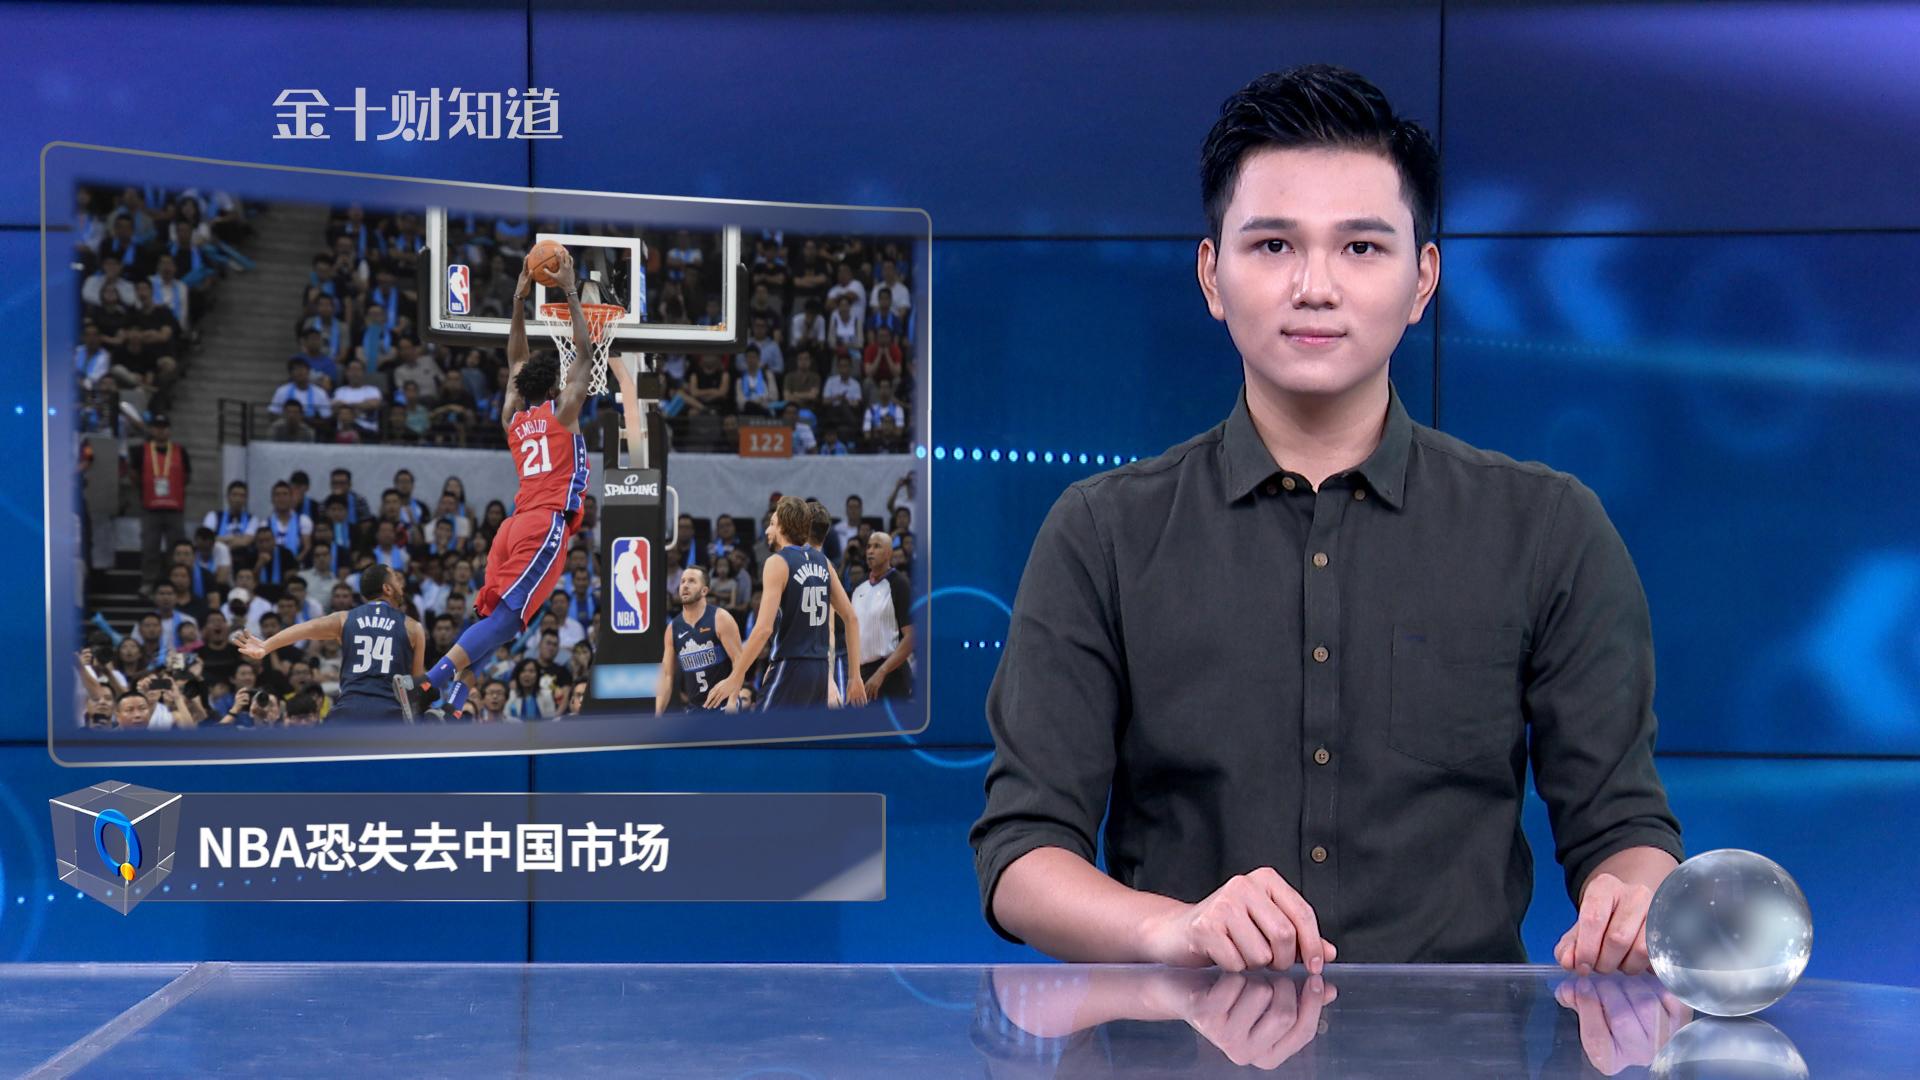 一年26亿收入被切断?NBA失去中国市场,美国千亿体育产业受影响